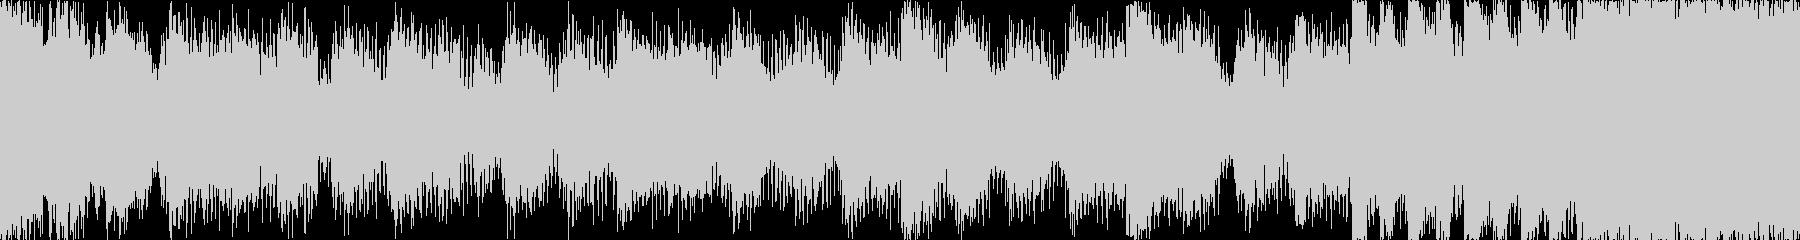 【ループG】ヘヴィーで攻撃的エレキギターの未再生の波形